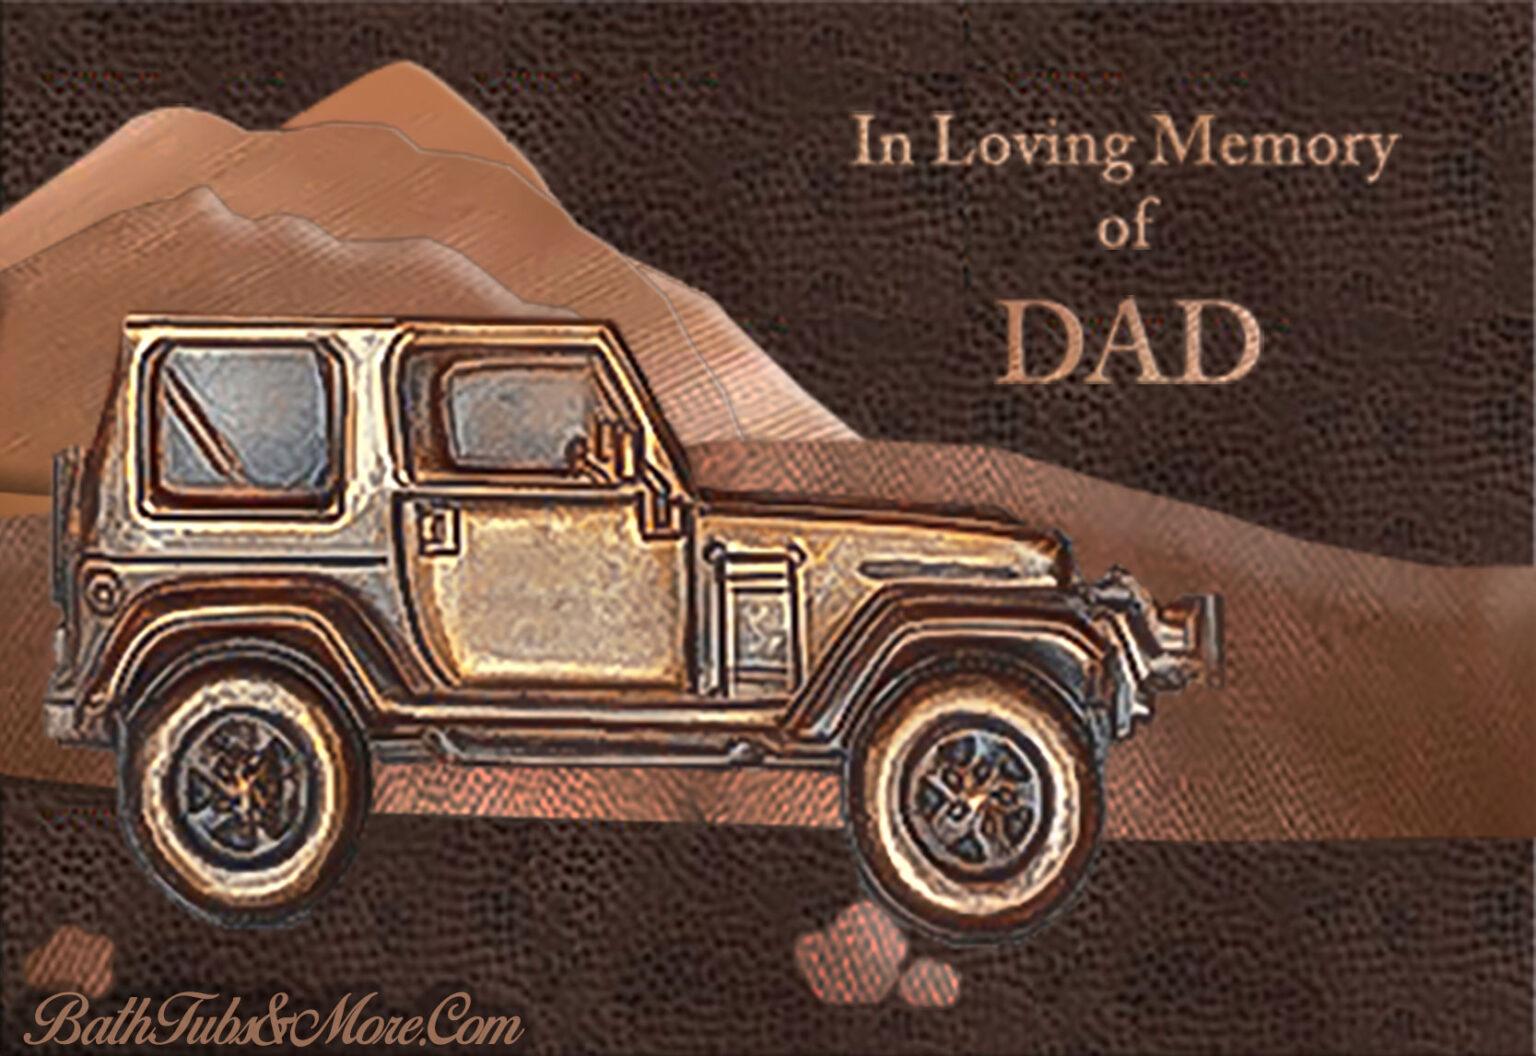 DAD-1-1536x1056